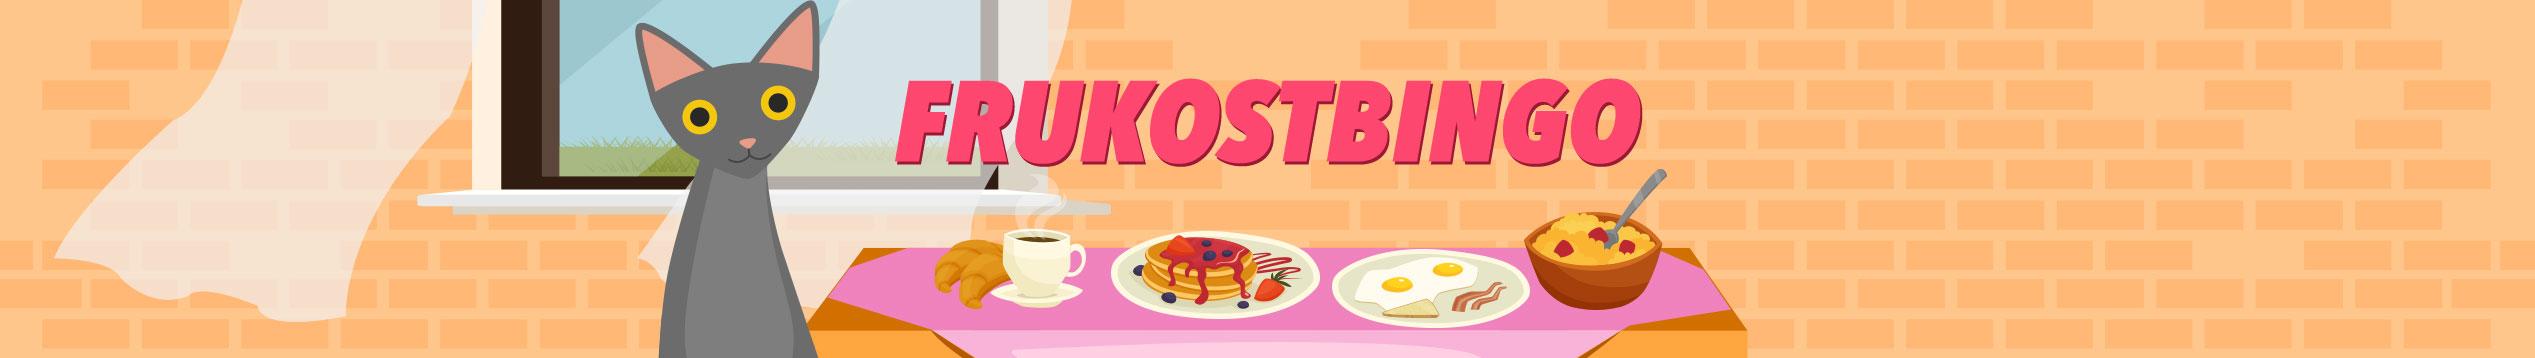 Spela mysig frukostbingo fredag, lördag & söndag mellan kl. 8-10